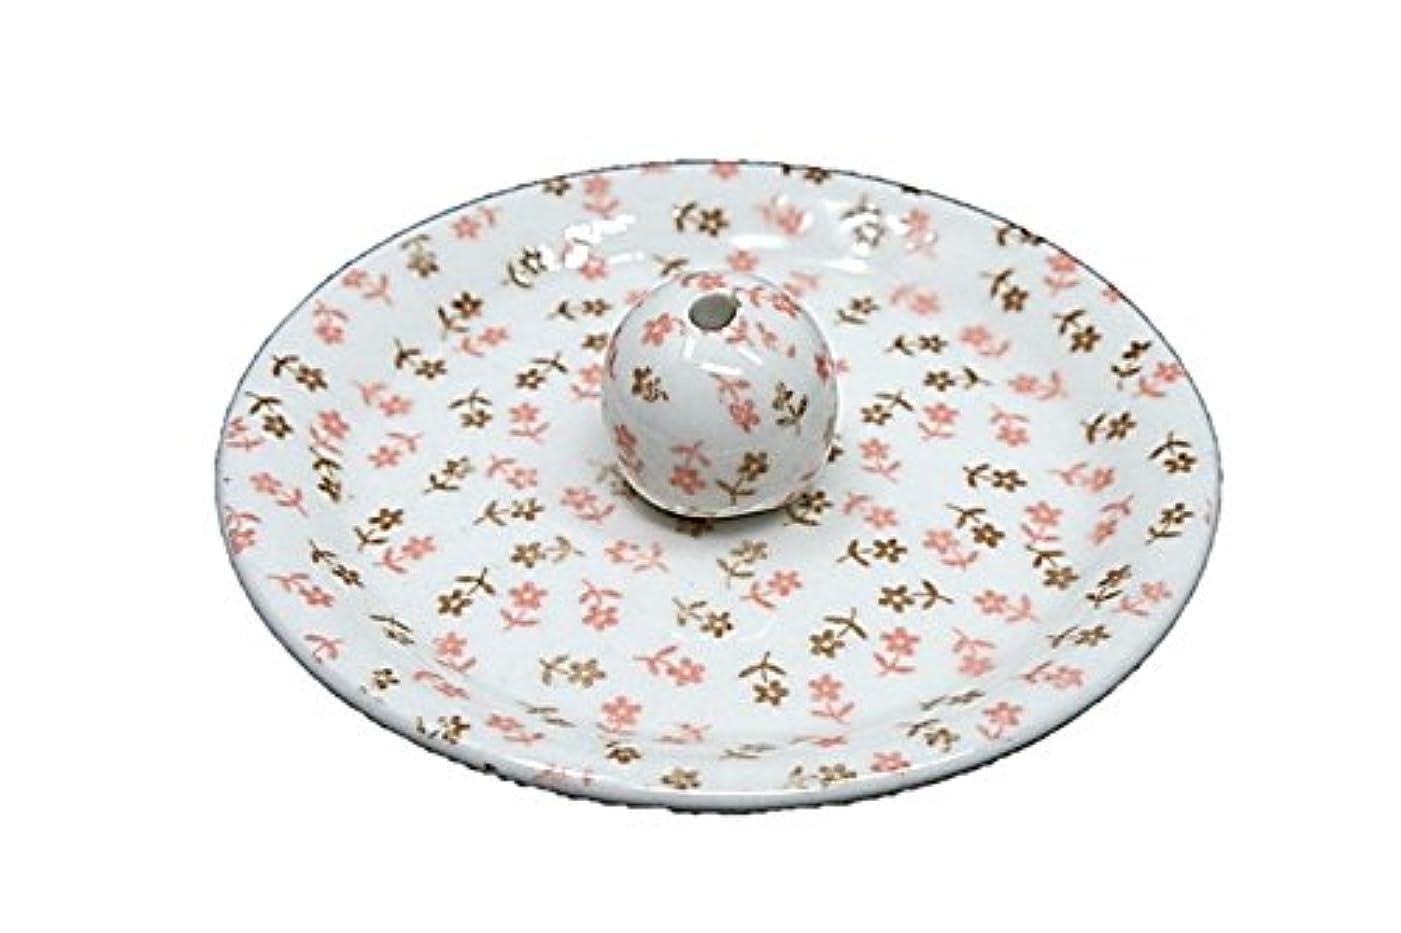 平日フェデレーション浸食9-19 ミニフラワー 9cm香皿 お香立て お香たて 陶器 日本製 製造?直売品